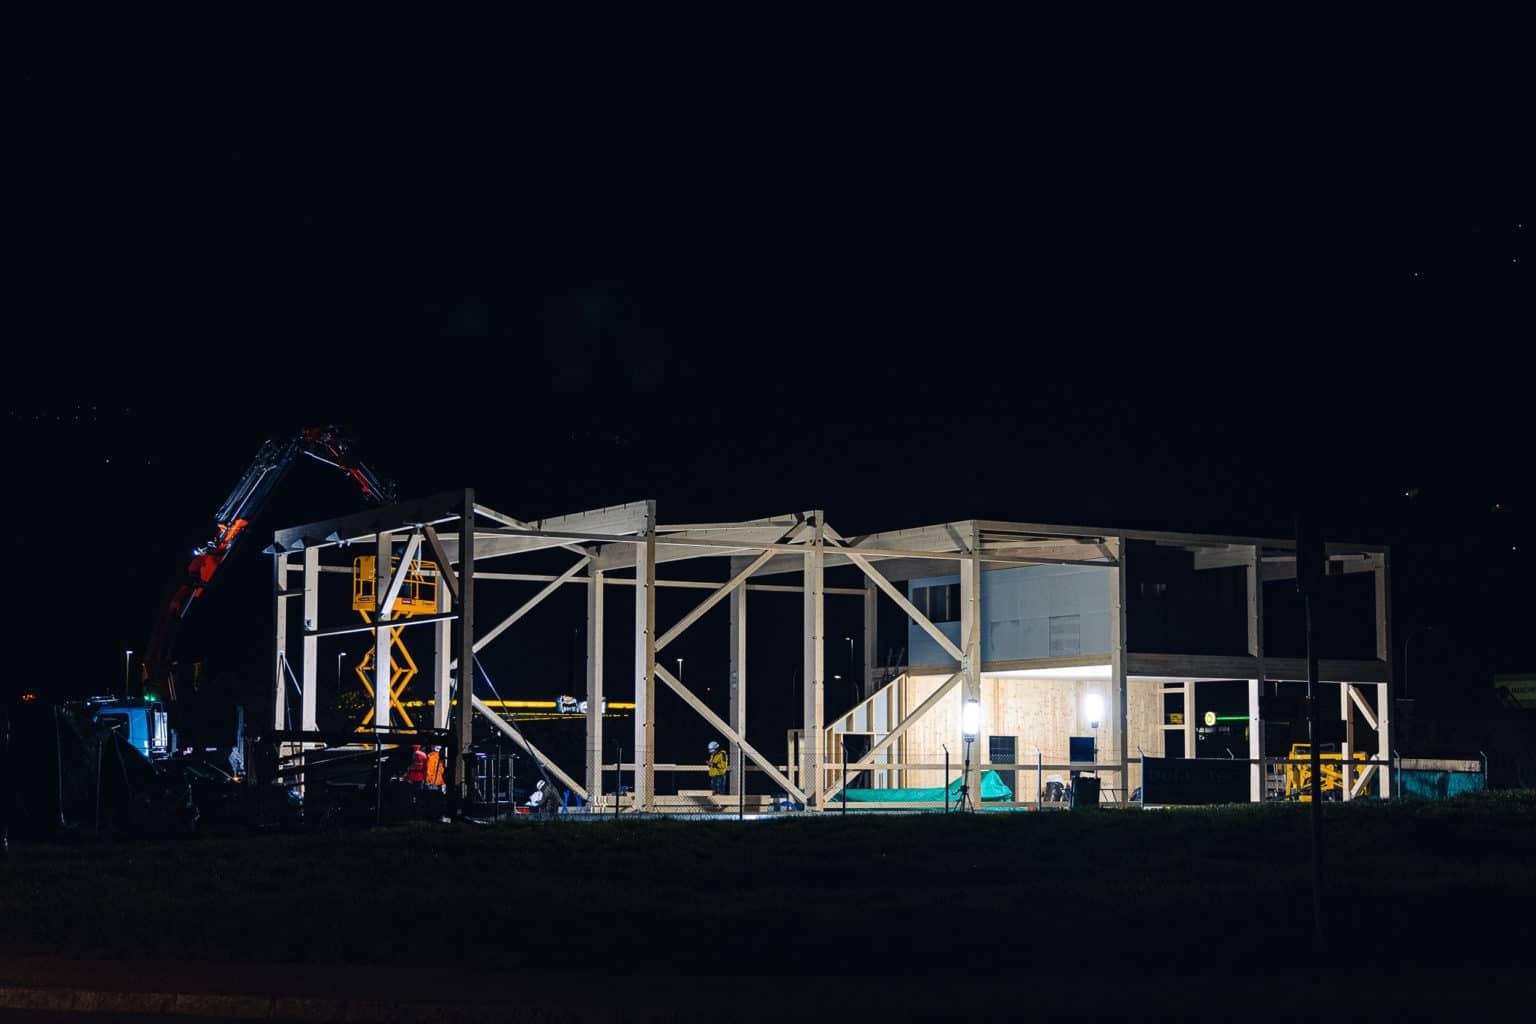 Montage de nuit d'une halle industrielle